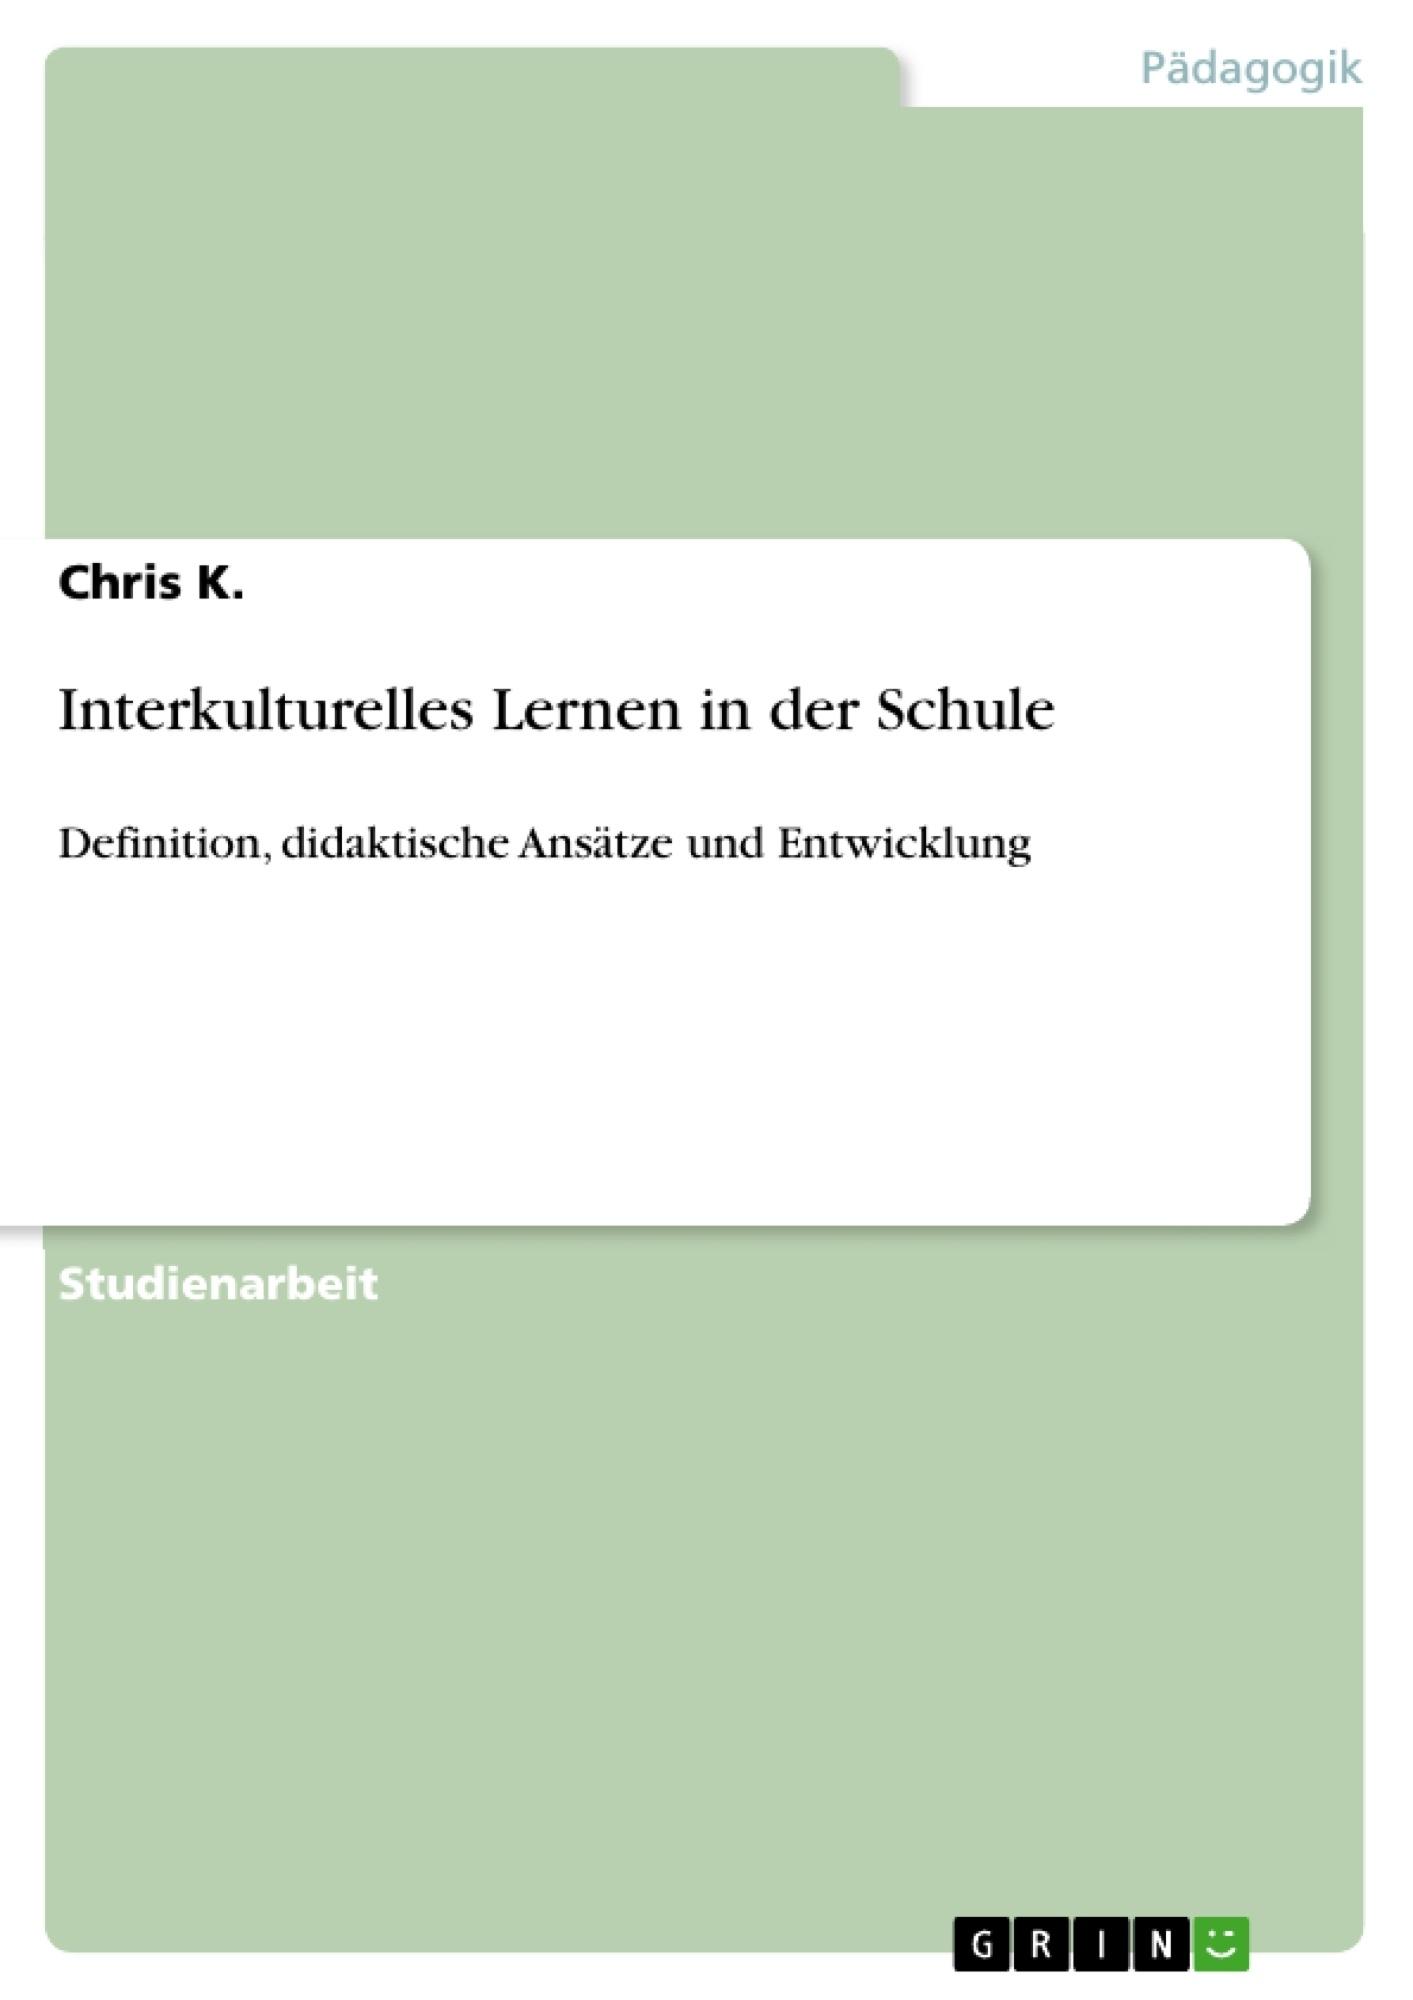 Titel: Interkulturelles Lernen in der Schule